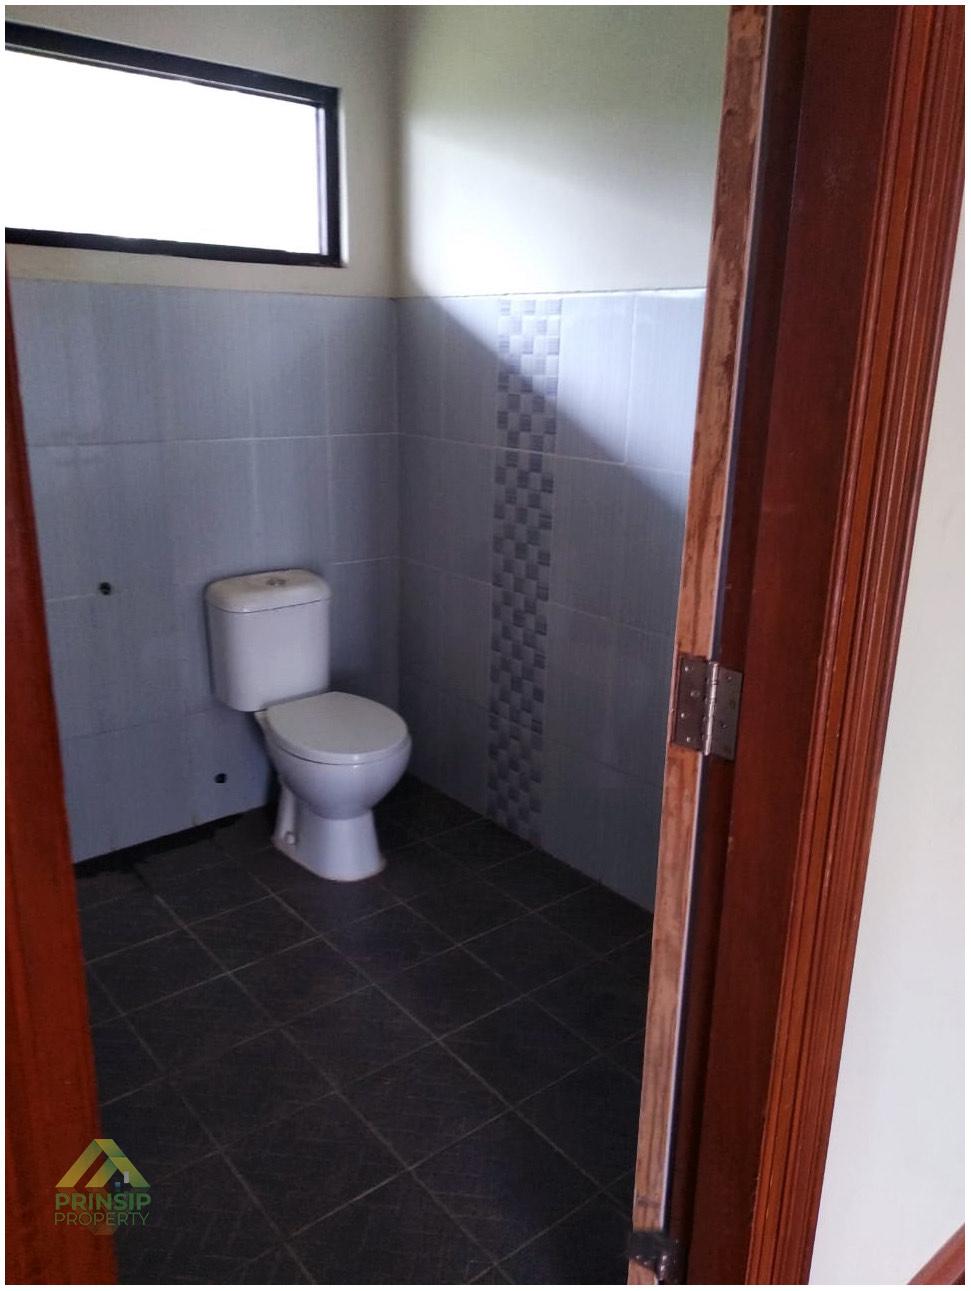 Rumah Gadog dijual- Toilet